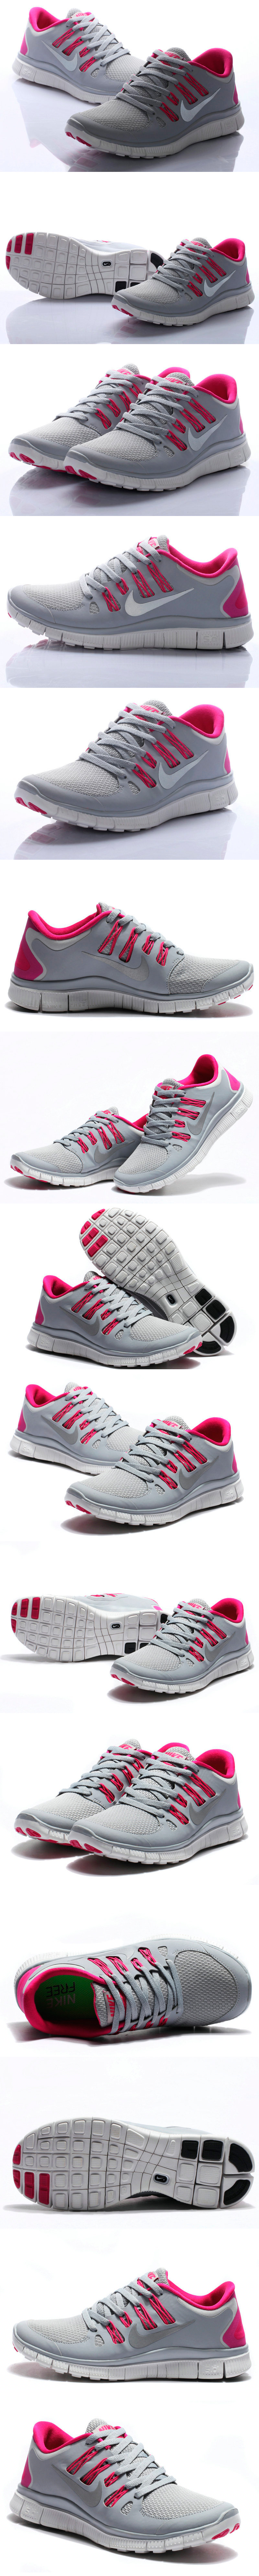 большое фото №6 Nike Free 5.0+ 579959 061 серые